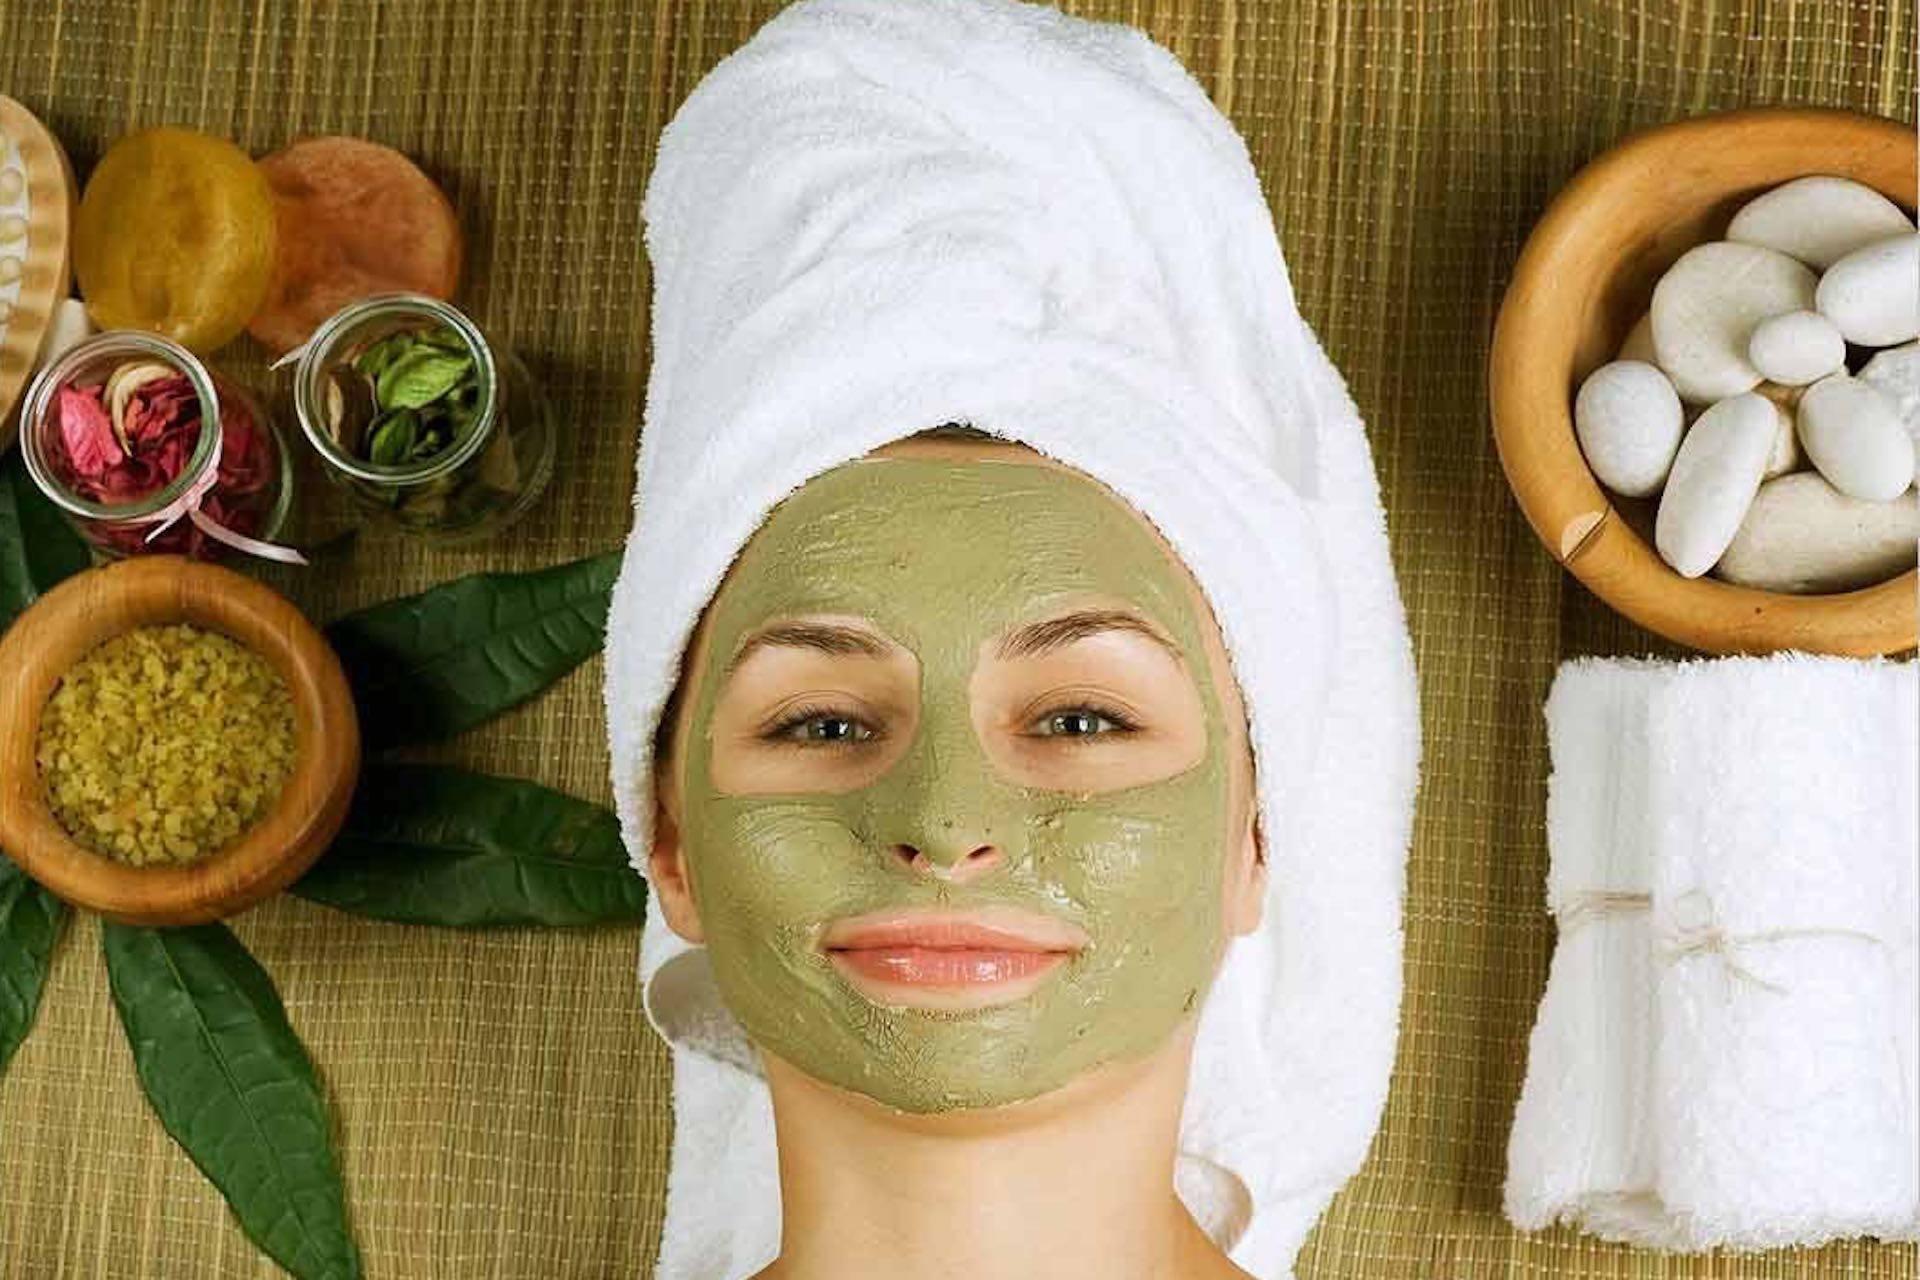 Как использовать зеленый чай для лица, чтобы сделать кожу более красивой